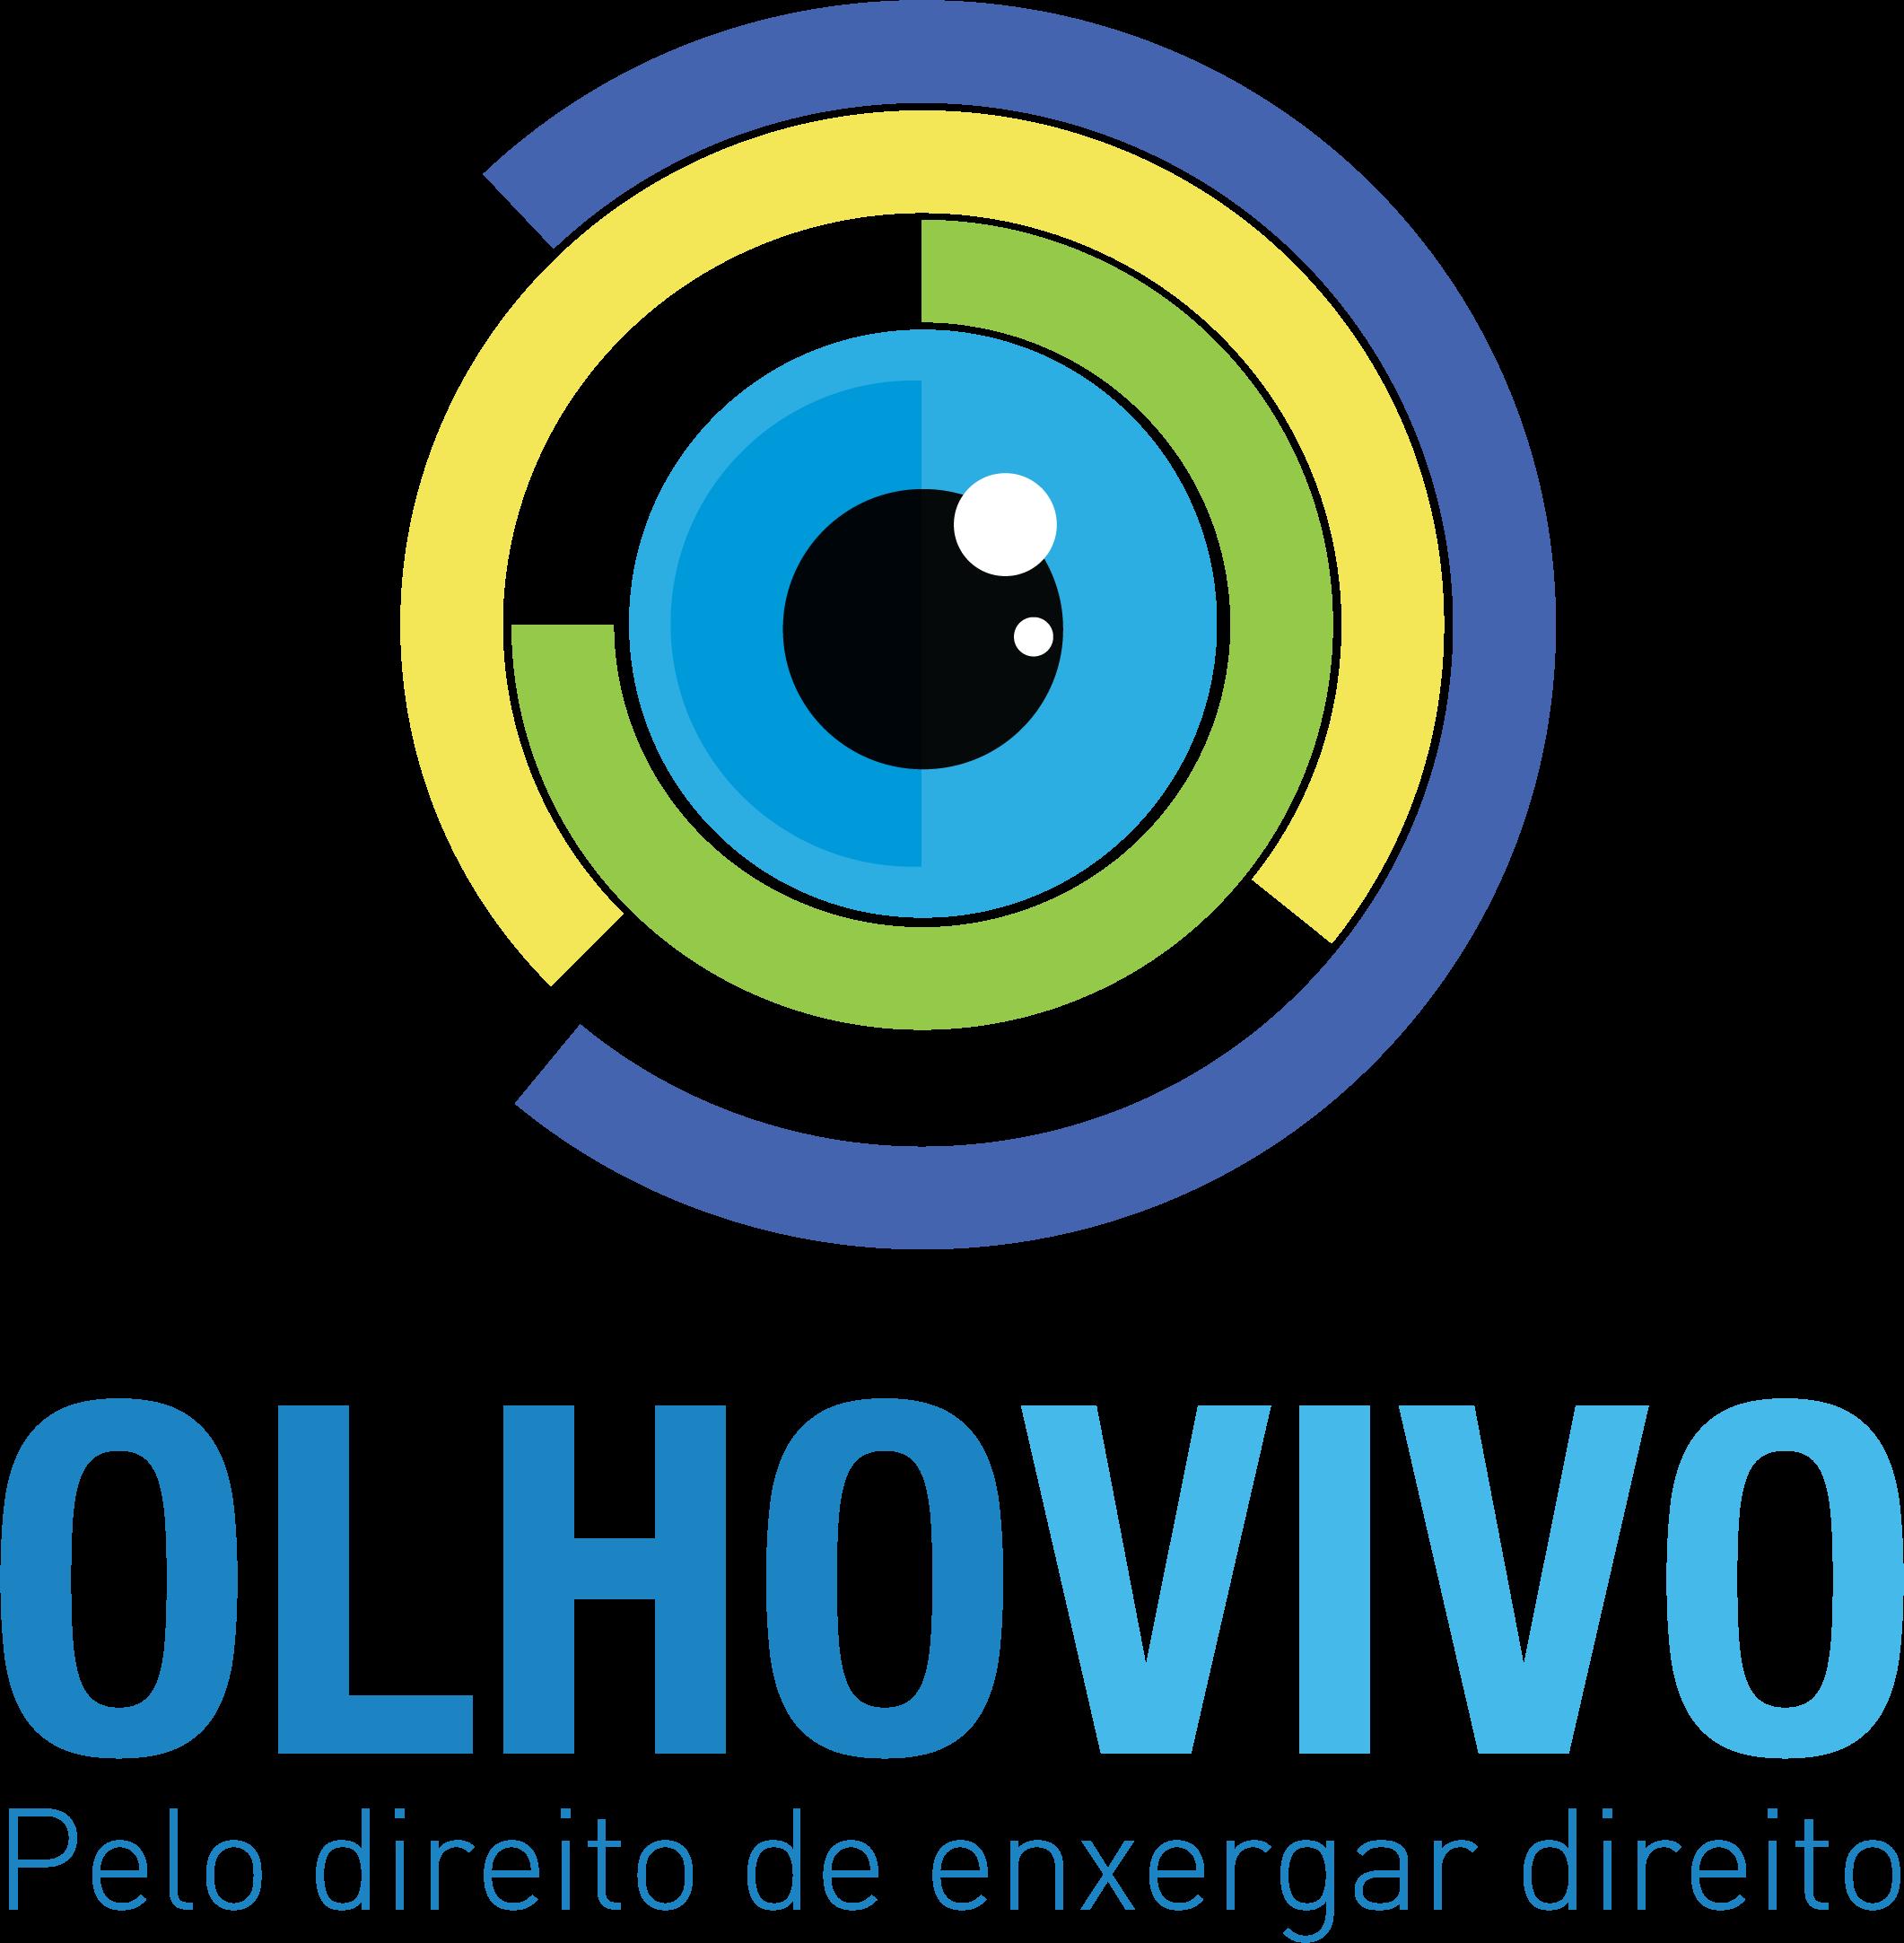 Fundação Abióptica oferece testes gratuitos de acuidade visual na estação  Brás do Metrô de São Paulo 7072b51320